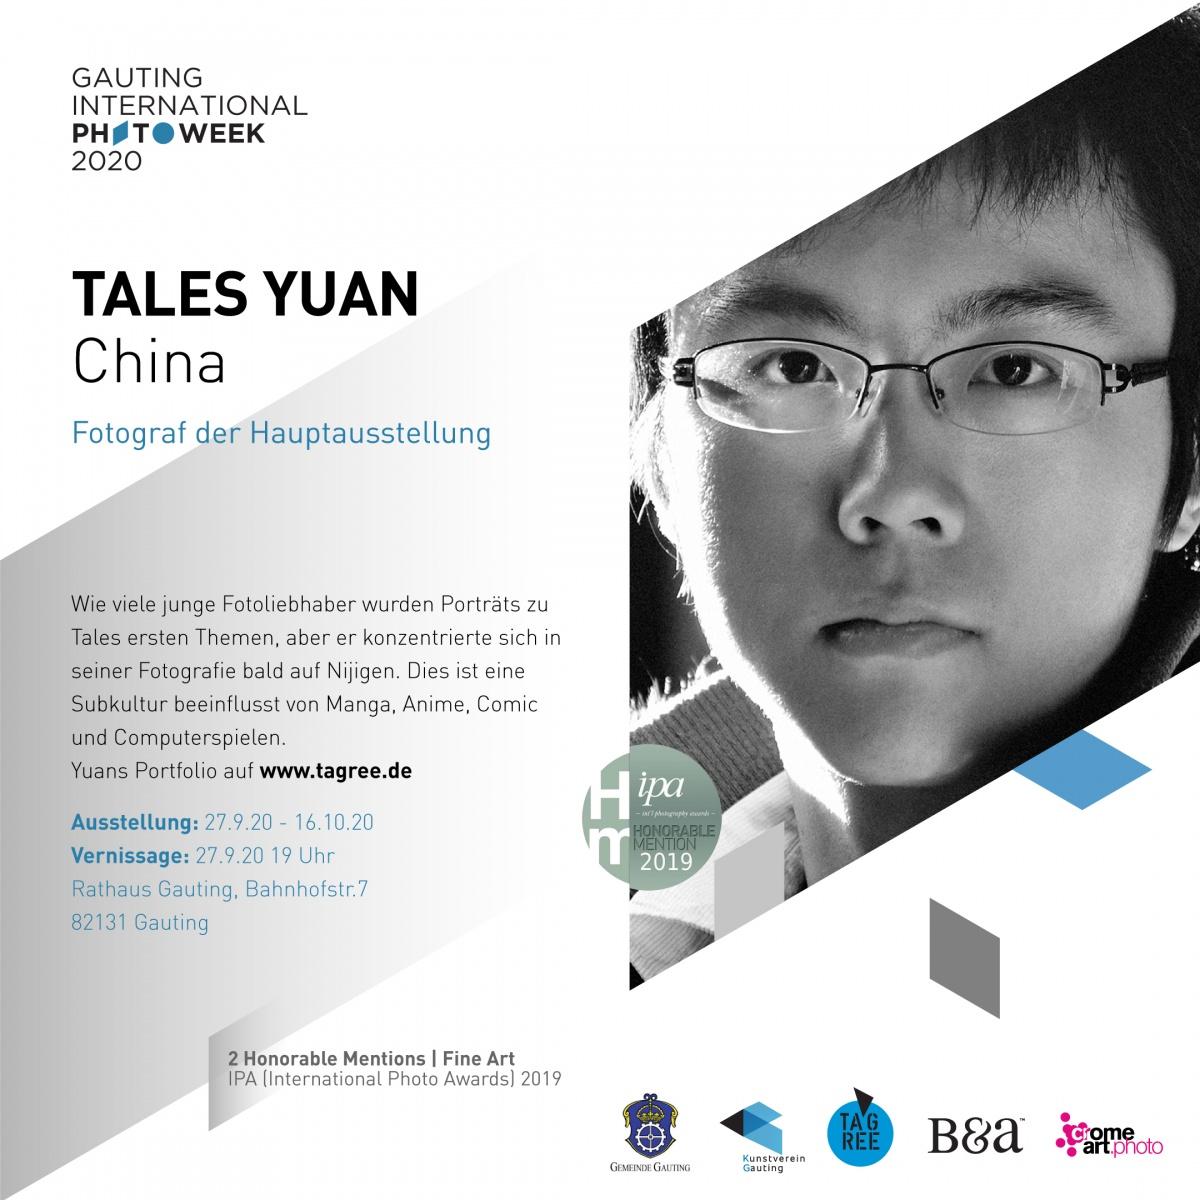 Tales Yuan / China